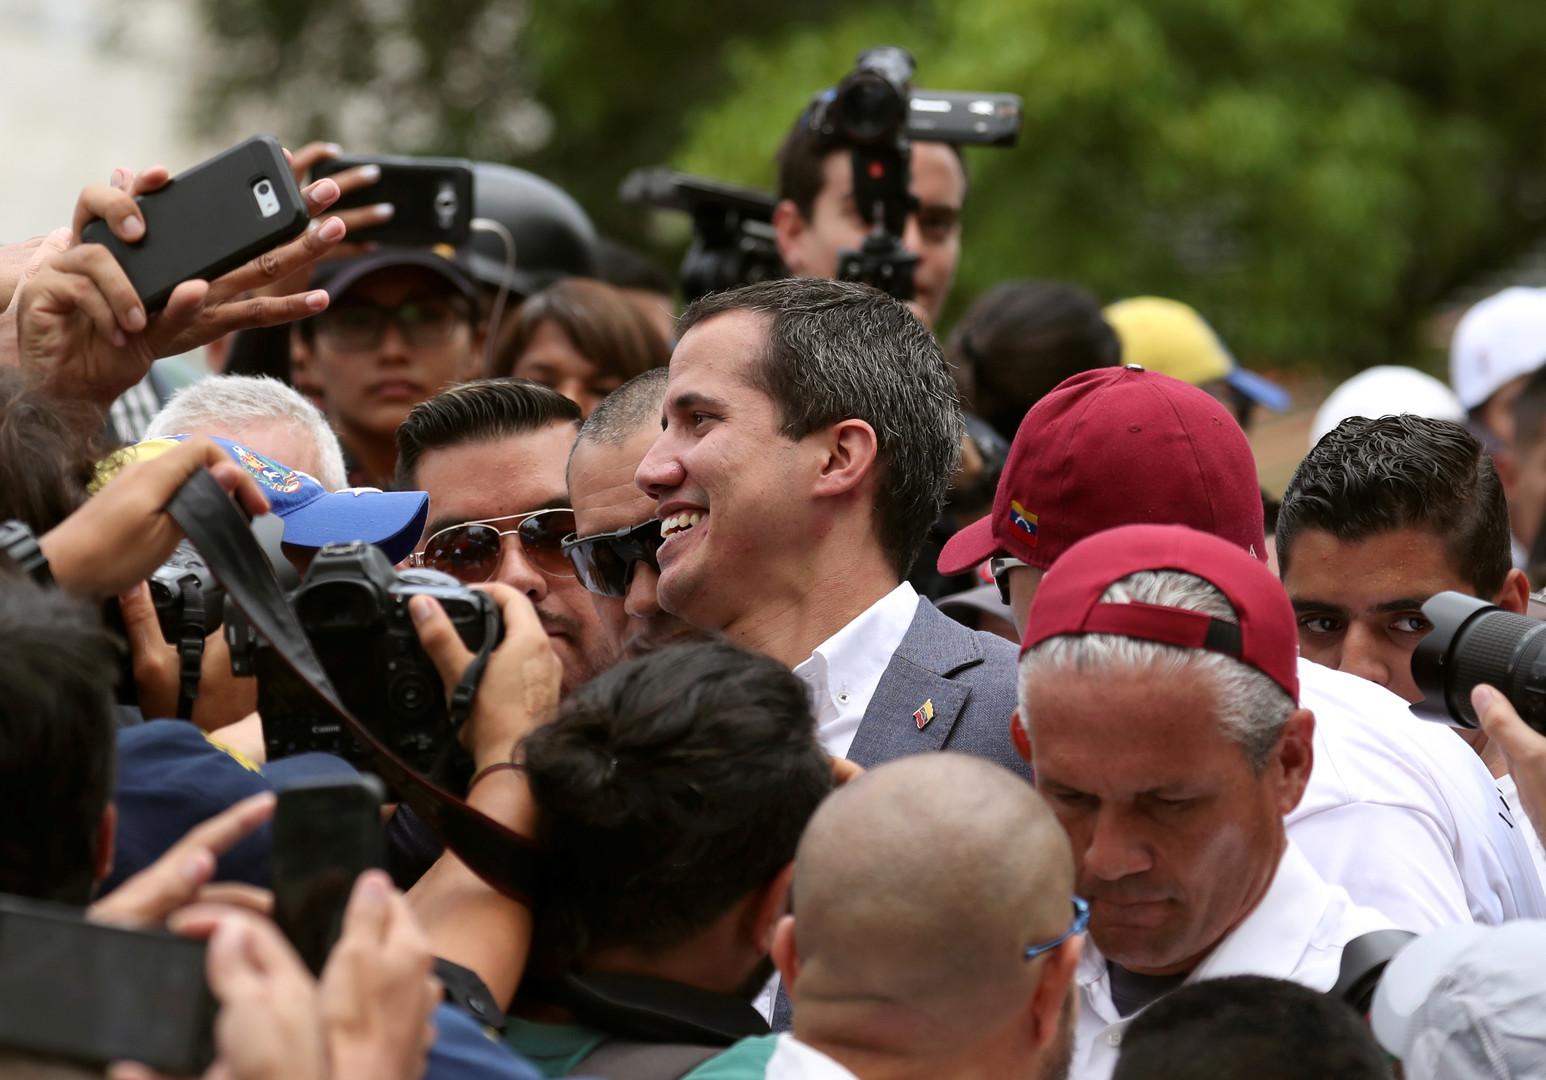 طرد عشرات الموالين لغوايدو وعائلاتهم من فندق في كولومبيا -